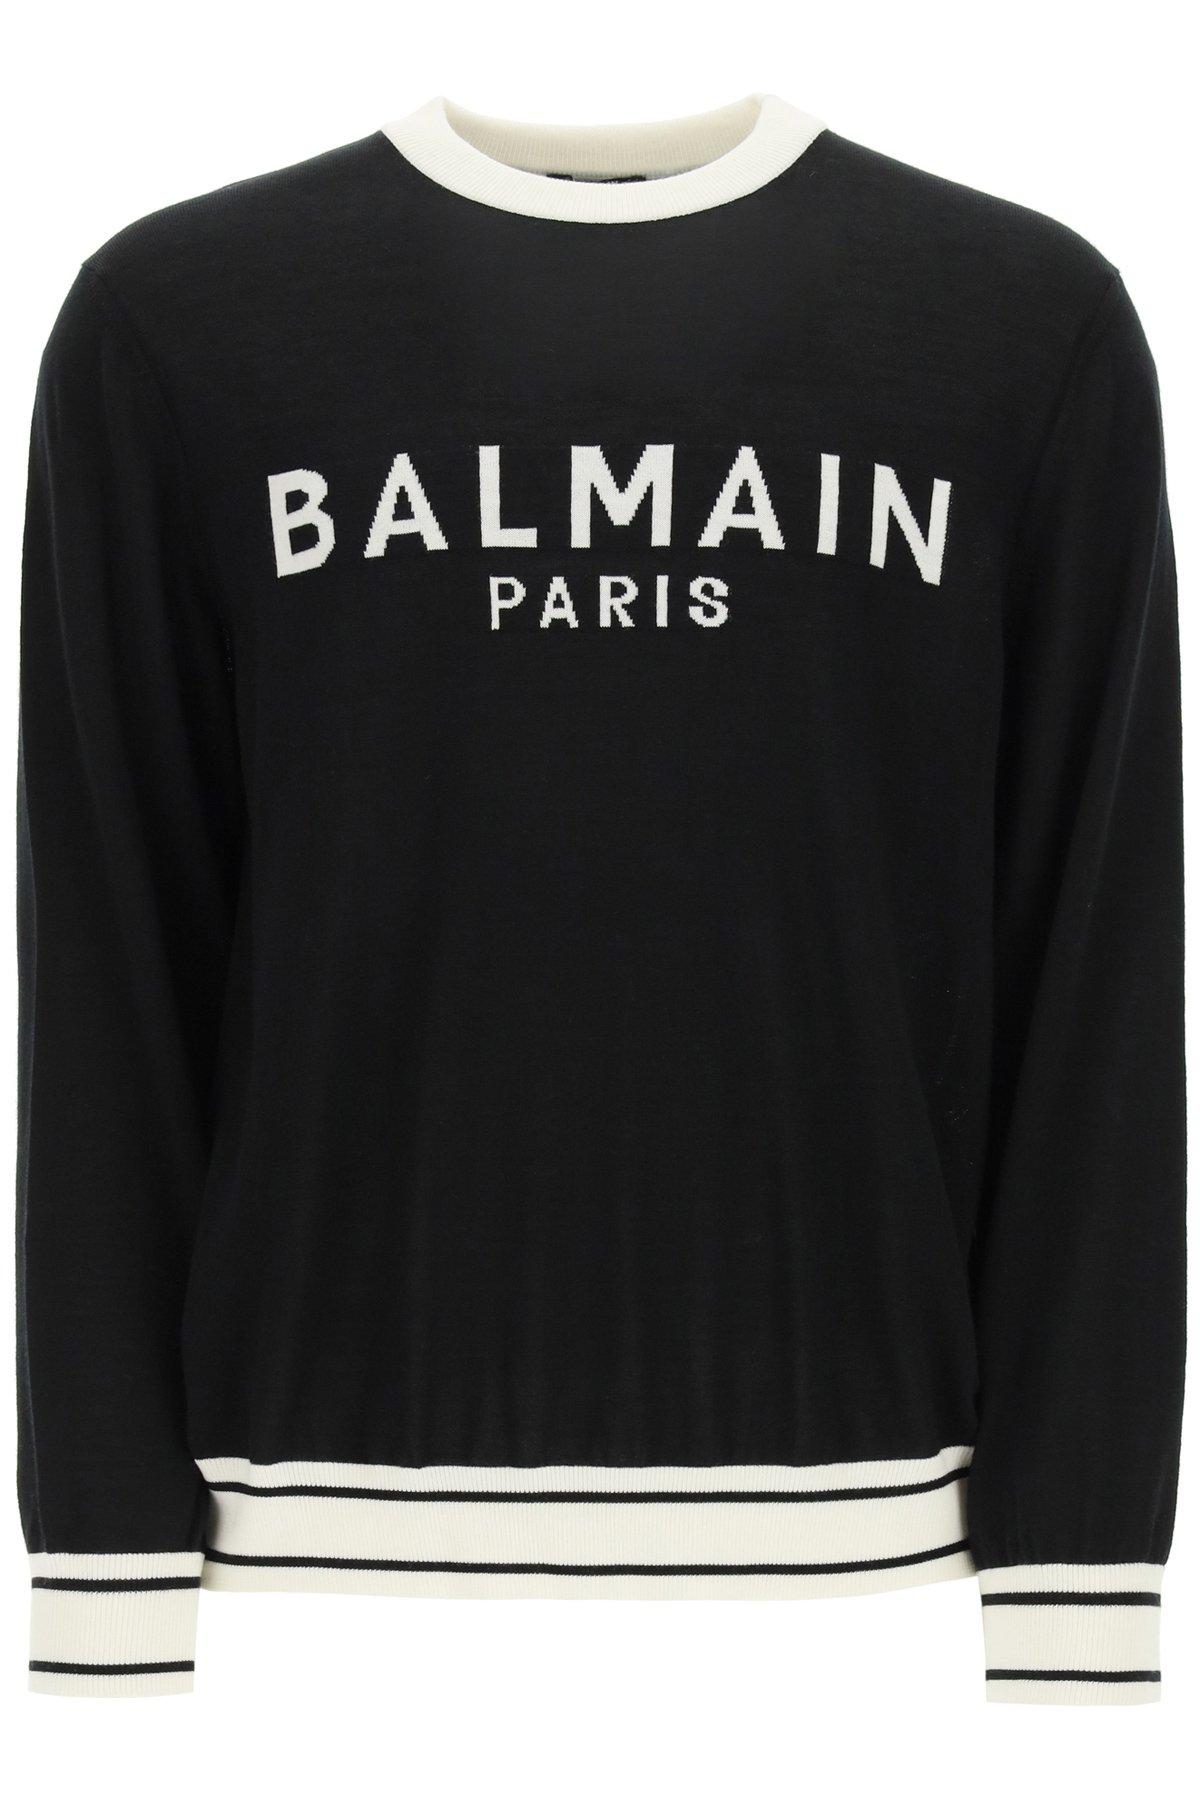 Balmain pullever in lana con logo intarsiato